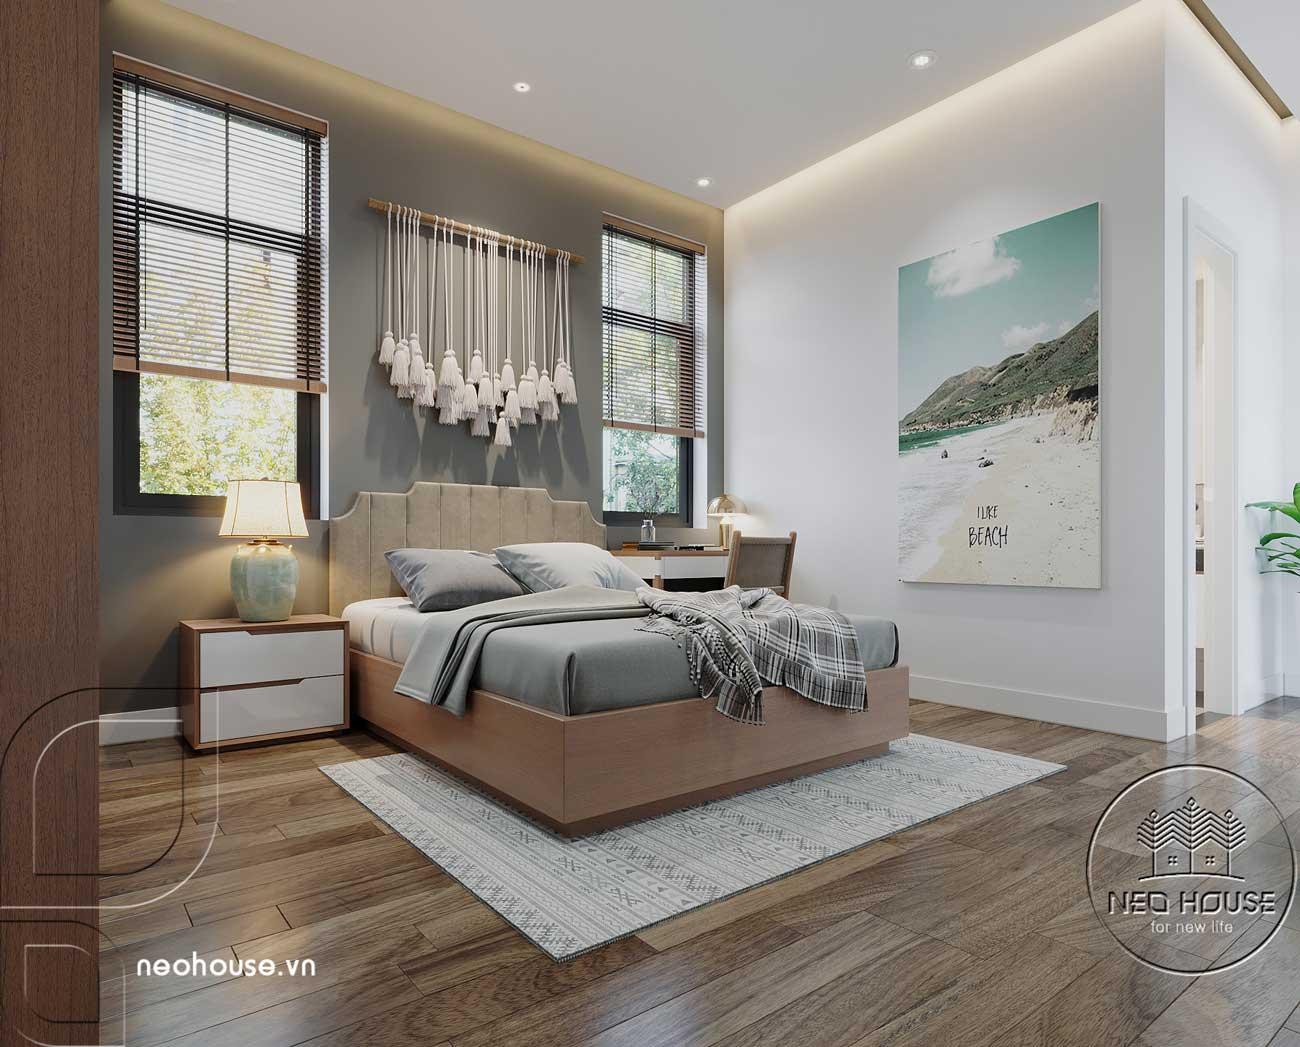 Thiết kế nội thất biệt thự cao cấp 2 tầng. Ảnh 17